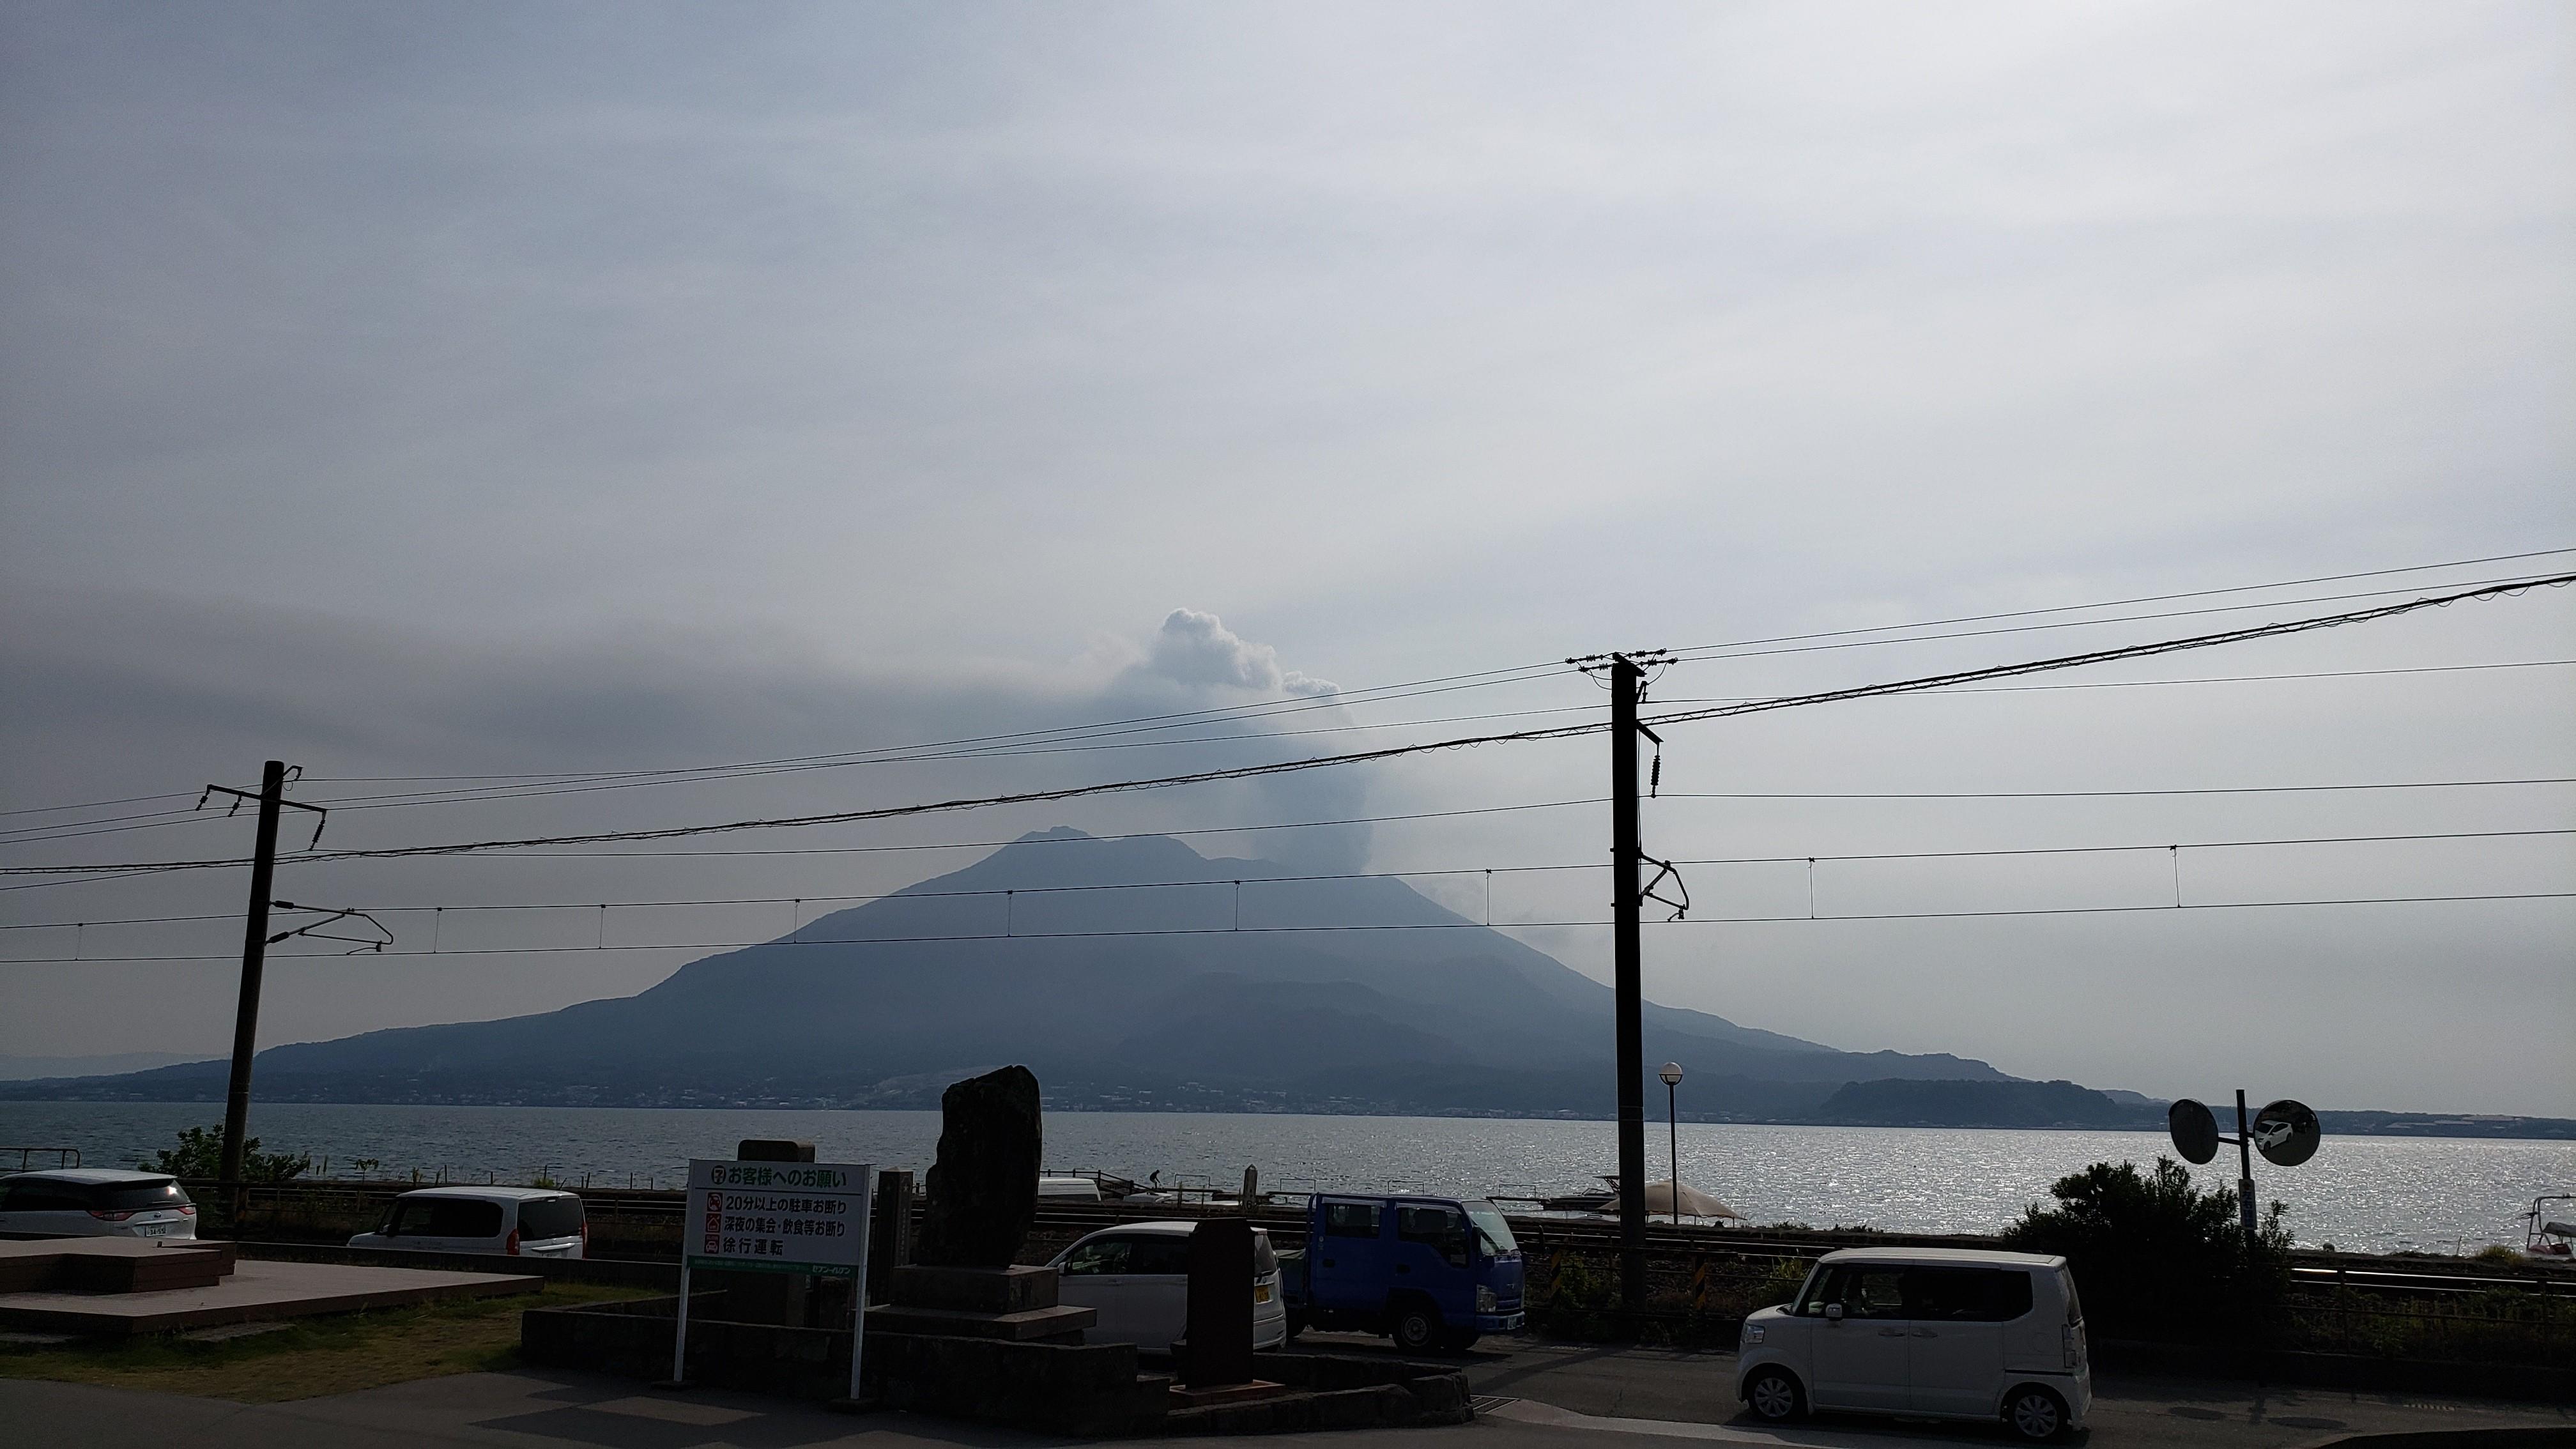 f:id:SURUmeee_JP:20191021180202j:image